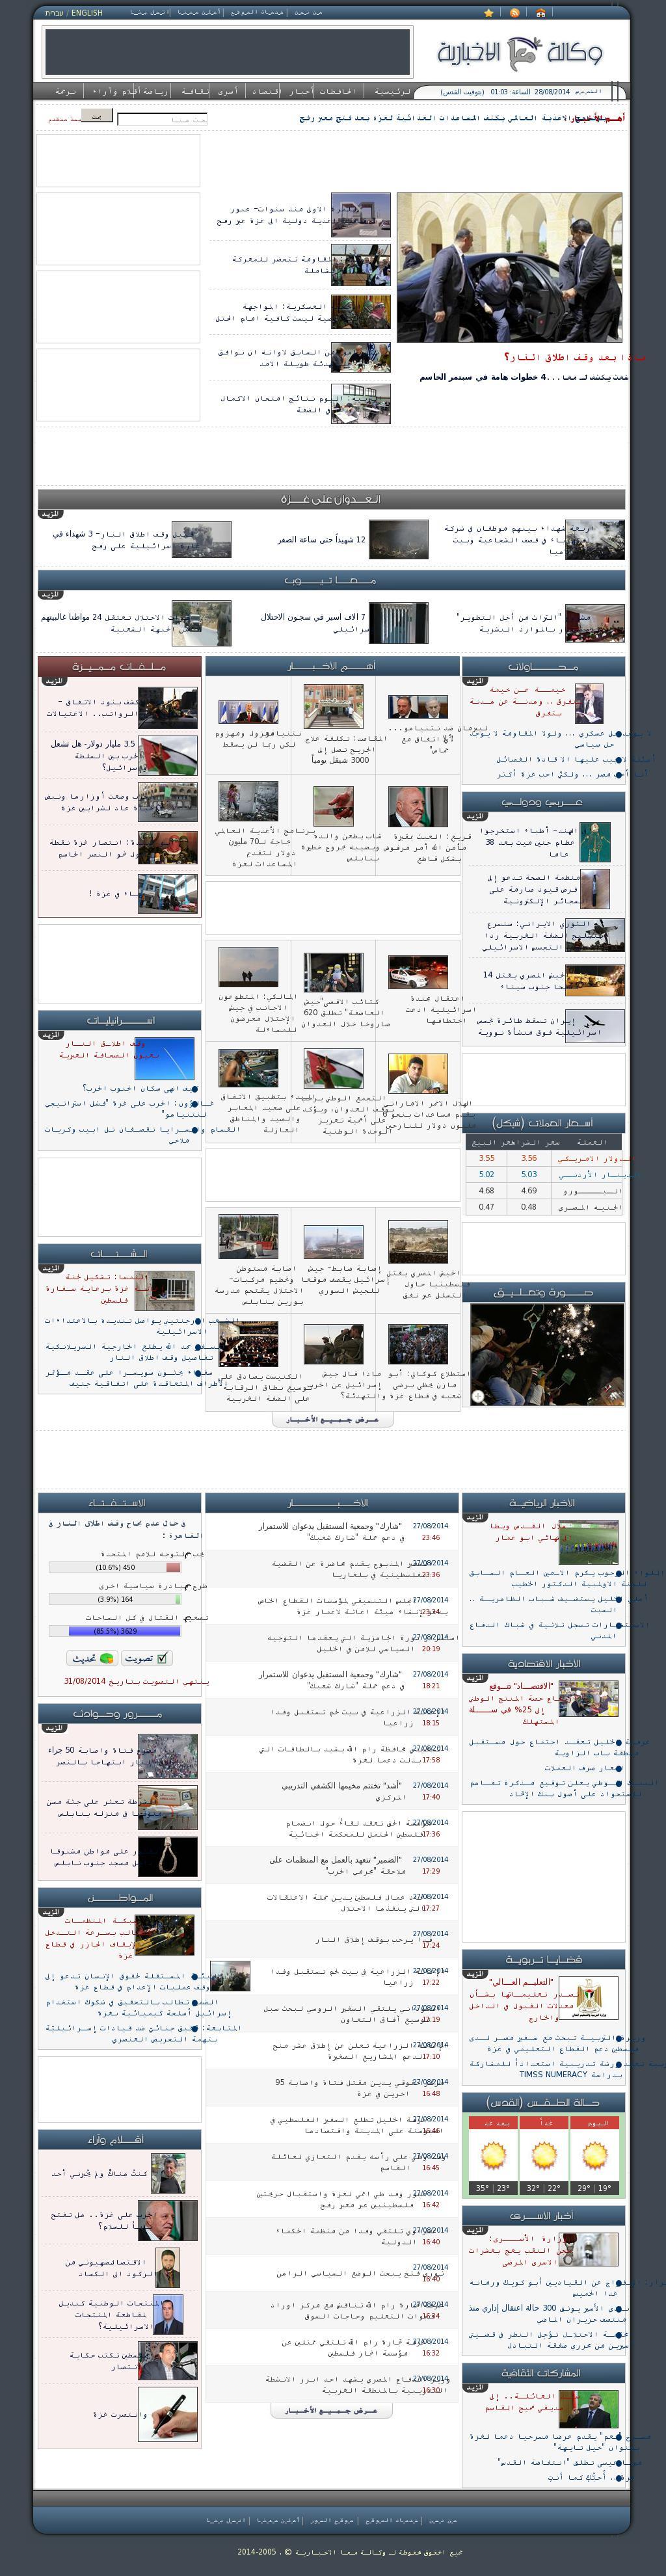 Ma'an News at Wednesday Aug. 27, 2014, 10:09 p.m. UTC